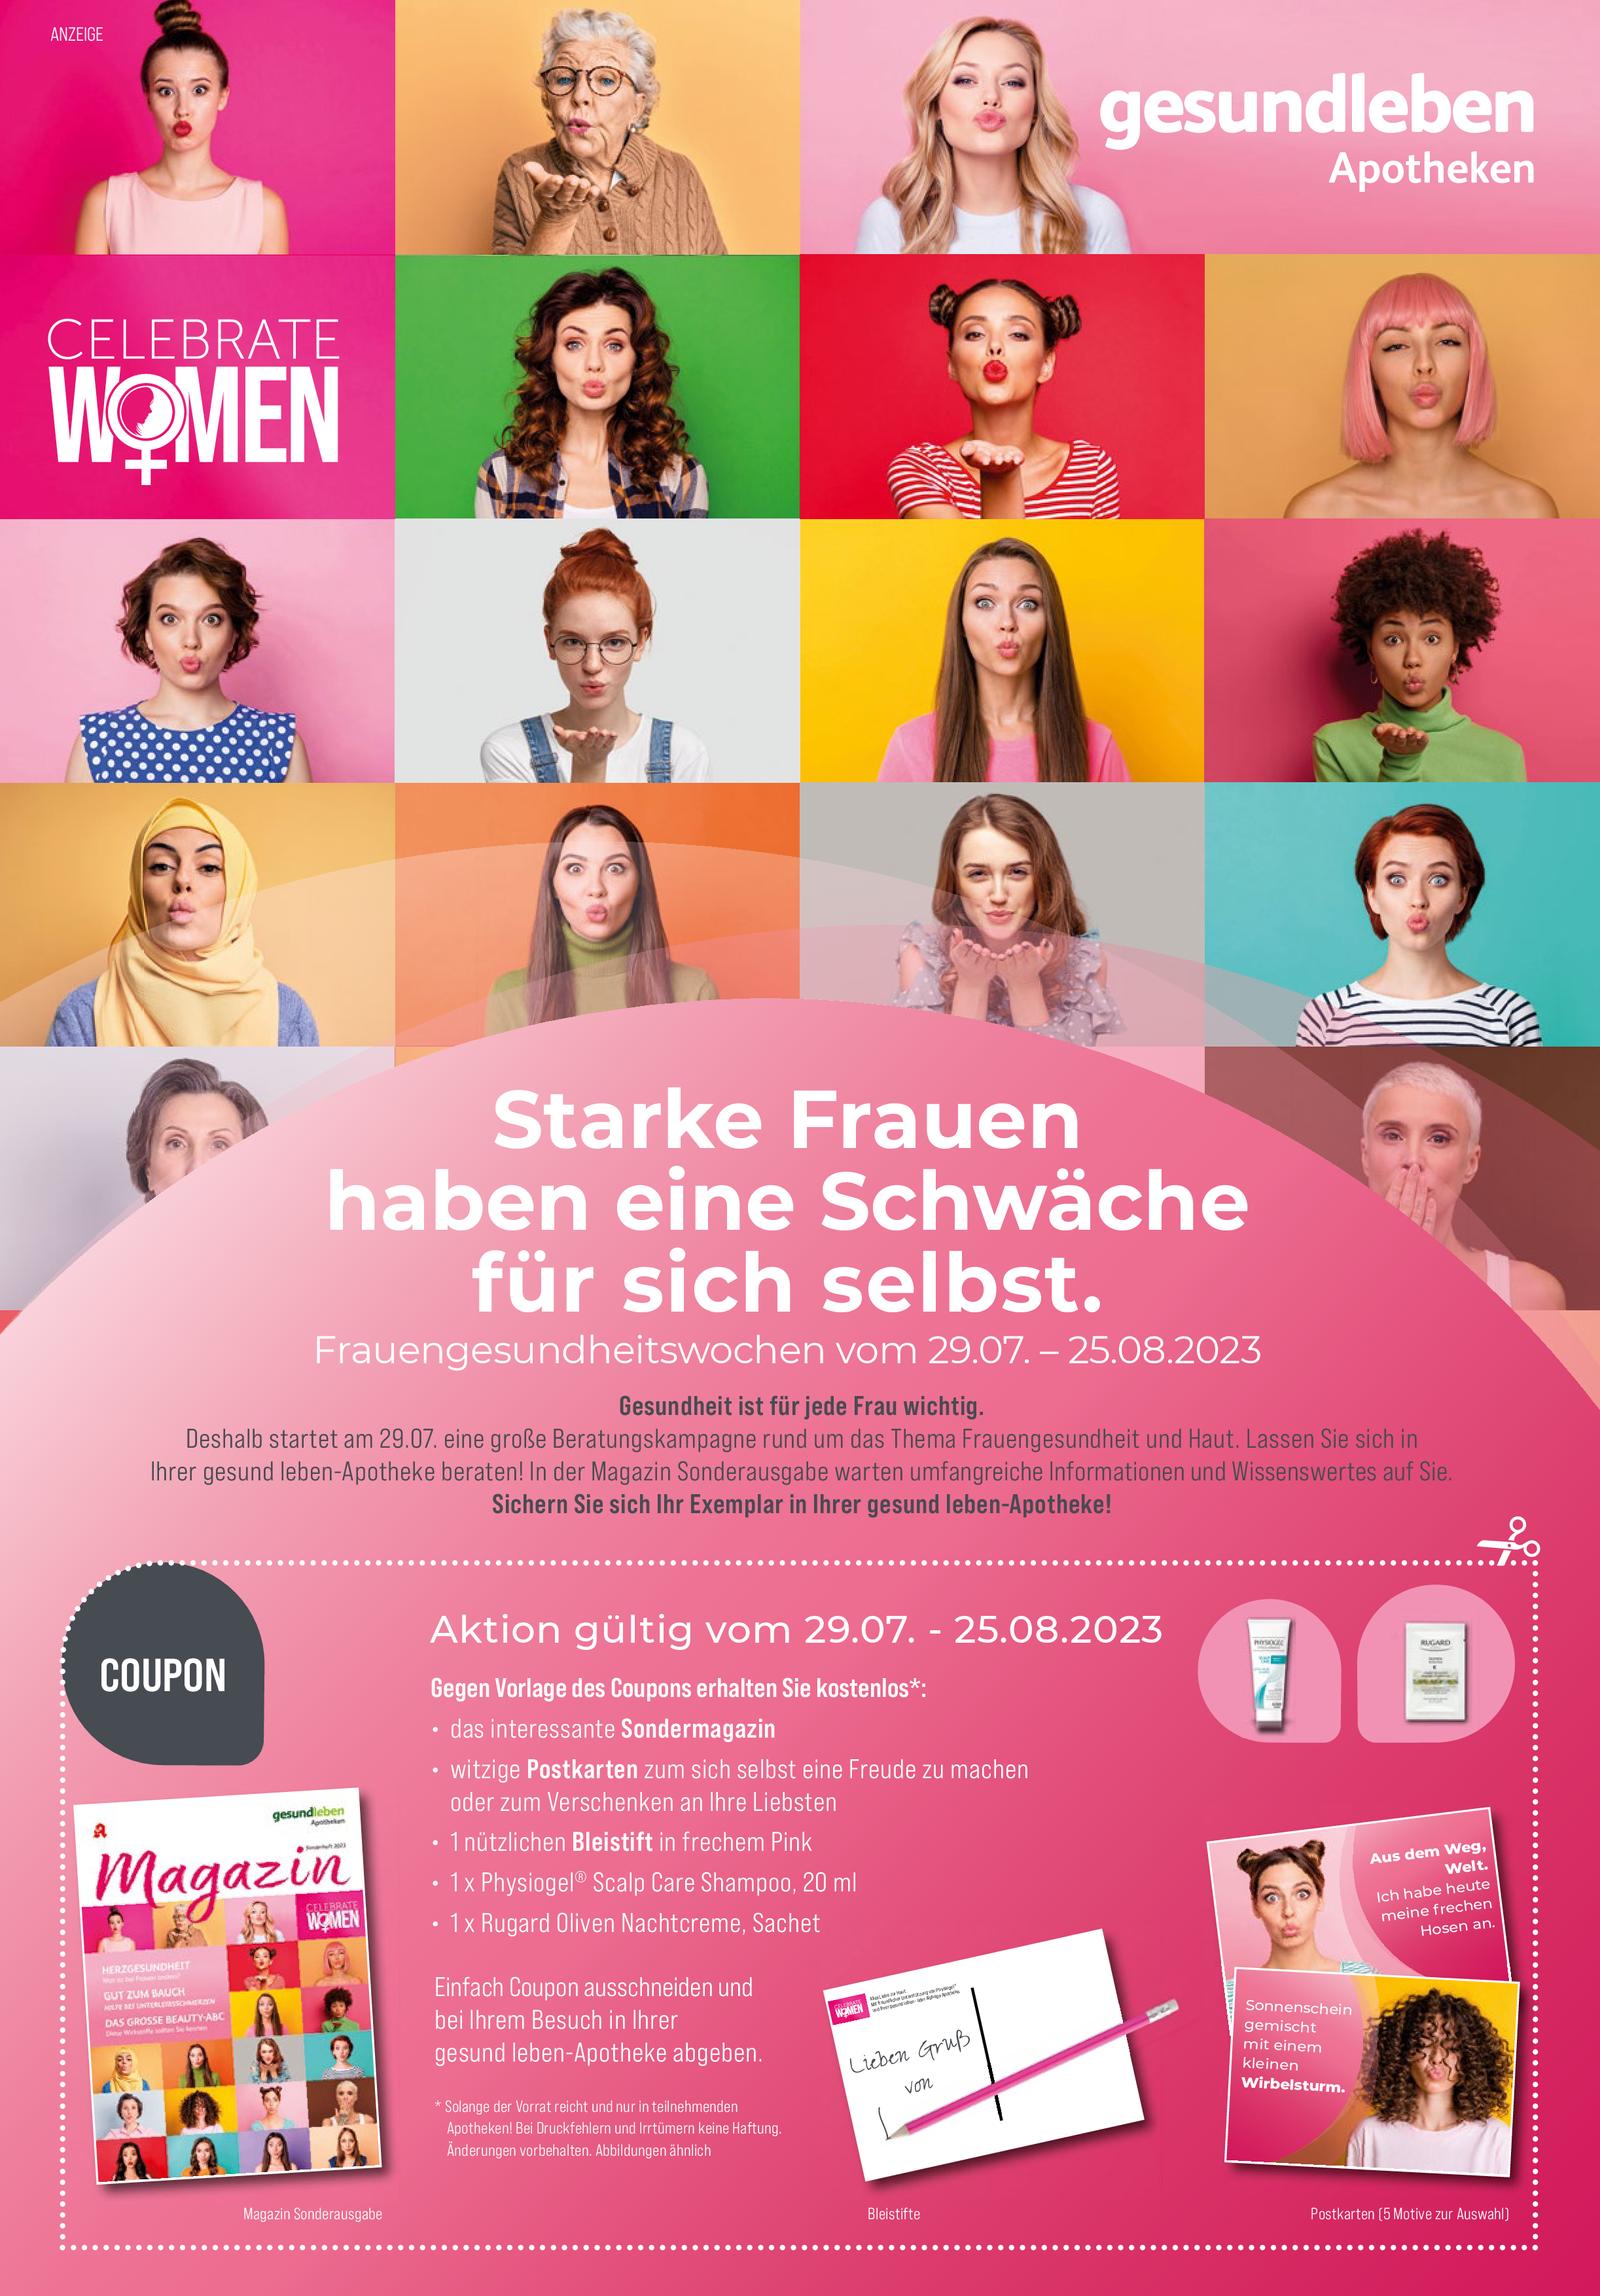 https://mein-uploads.apocdn.net/38/leaflets/gesundleben_hoch-Seite5.png